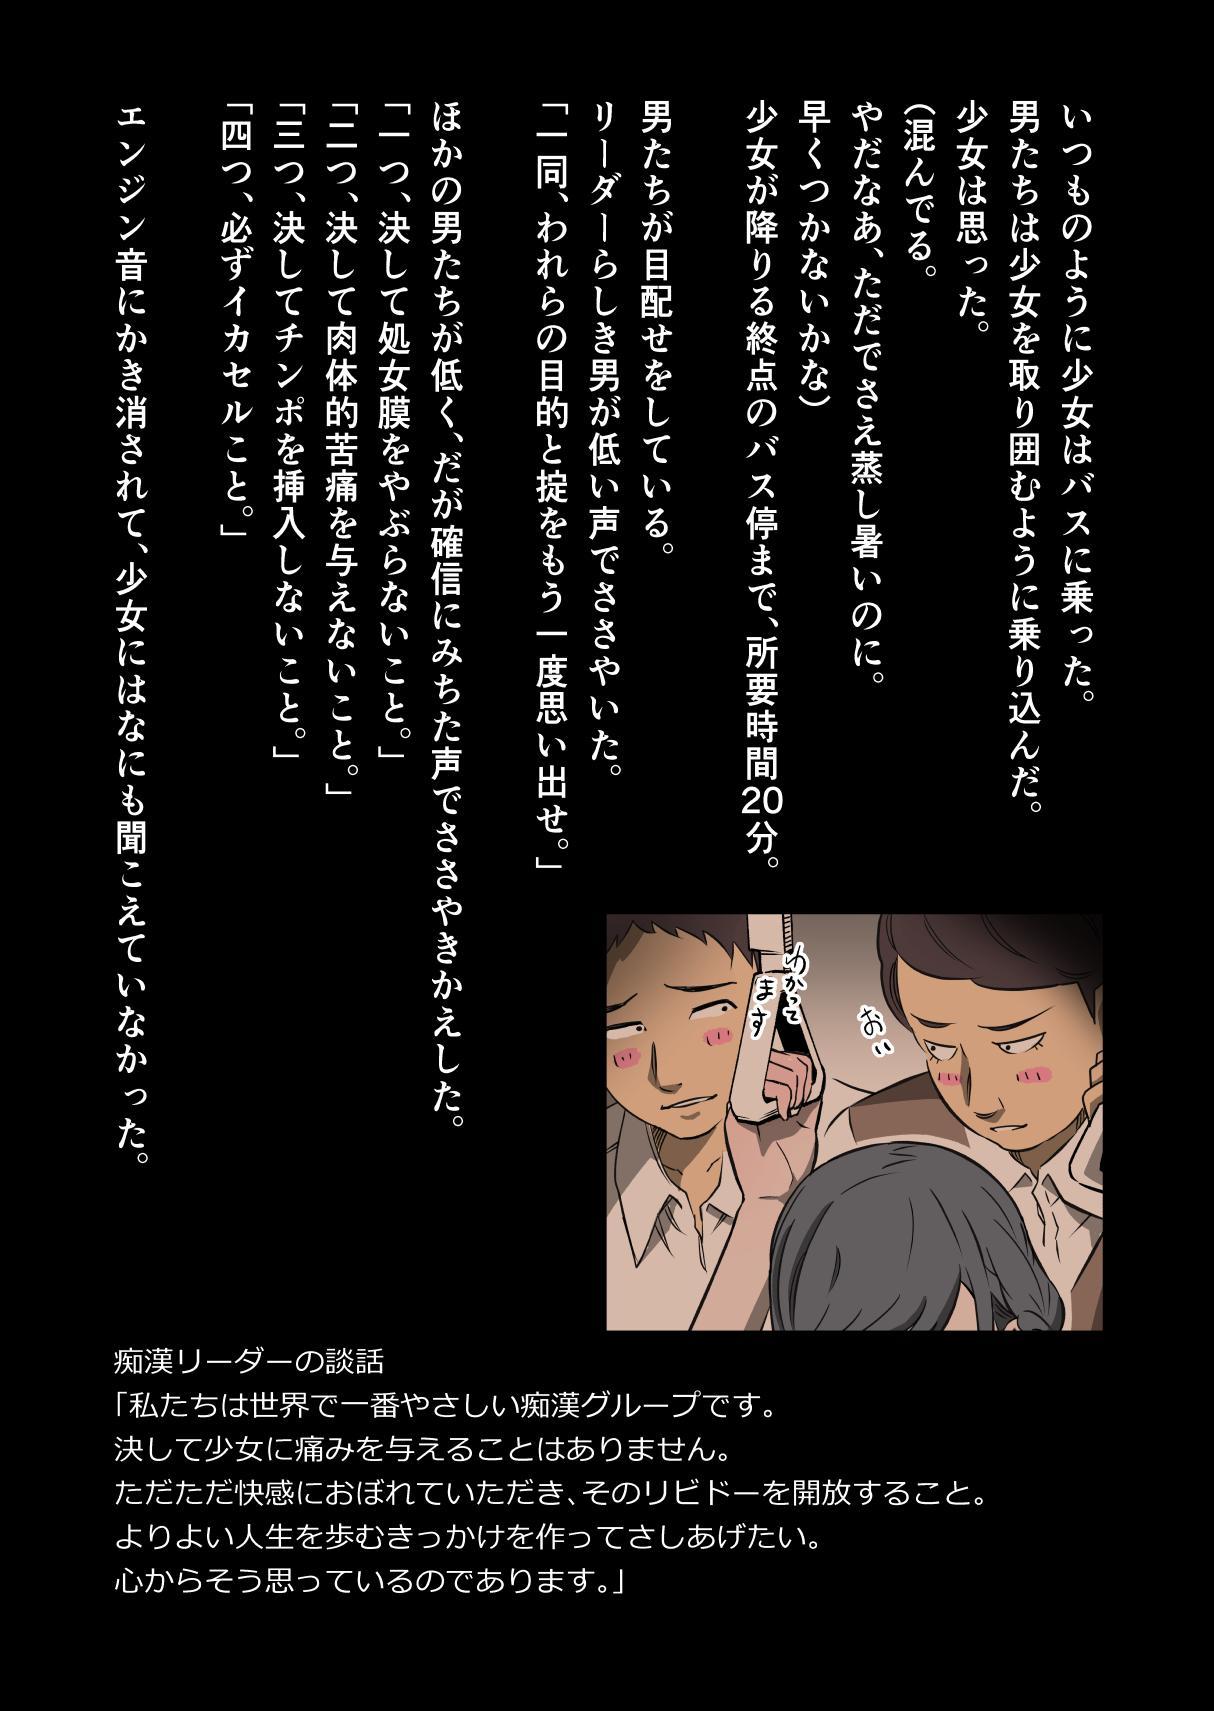 Tenki no Ko o Bus Chikan de Shikkin Zecchou Saseta Watashi no Riyuu 3